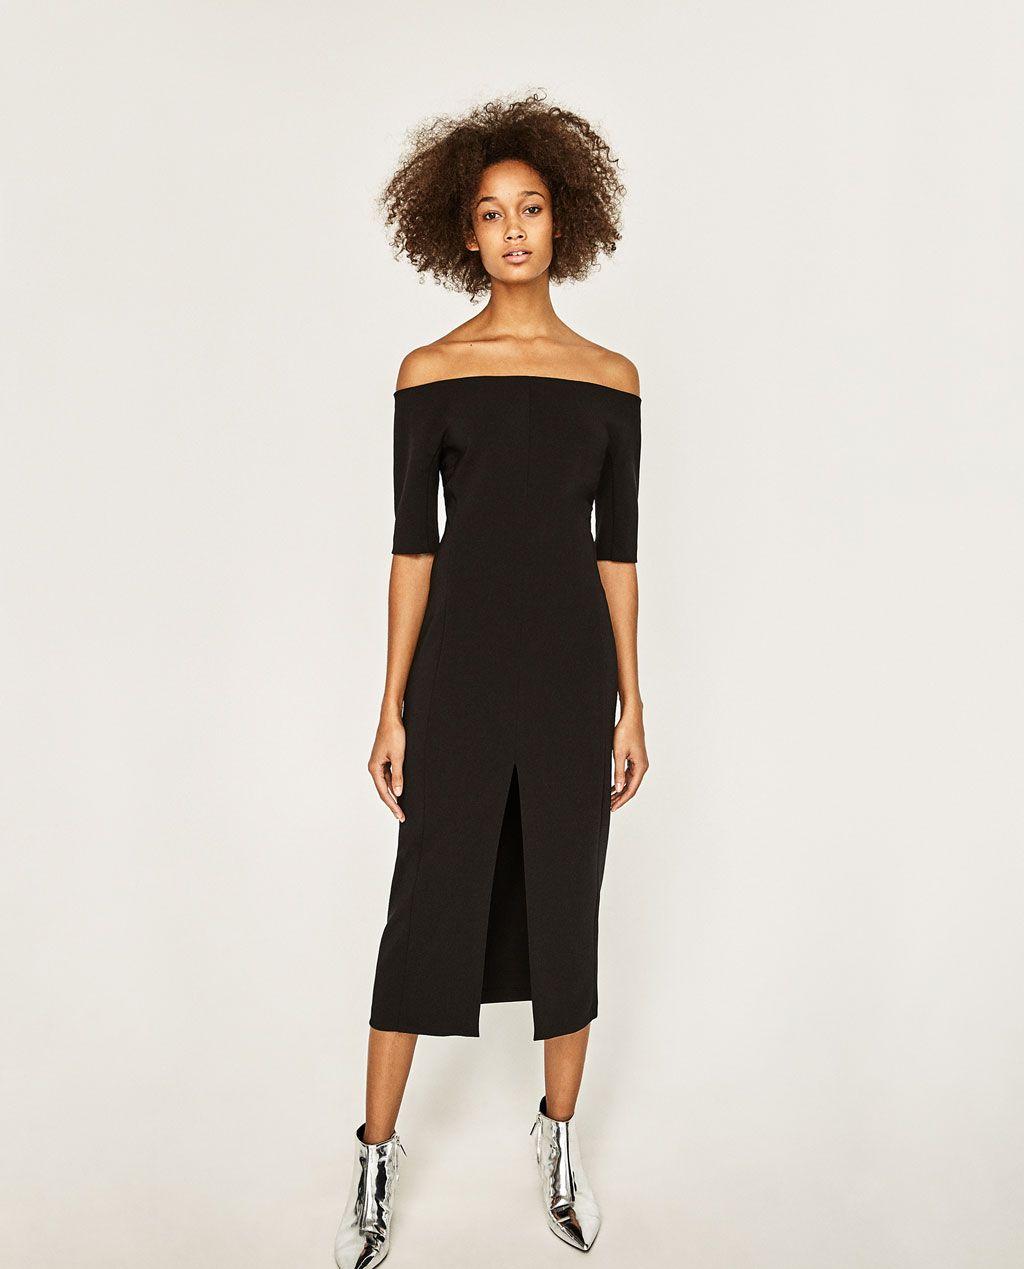 bf83b1d13b65 Zara Sale - But First Koffee Black Dresses Uk